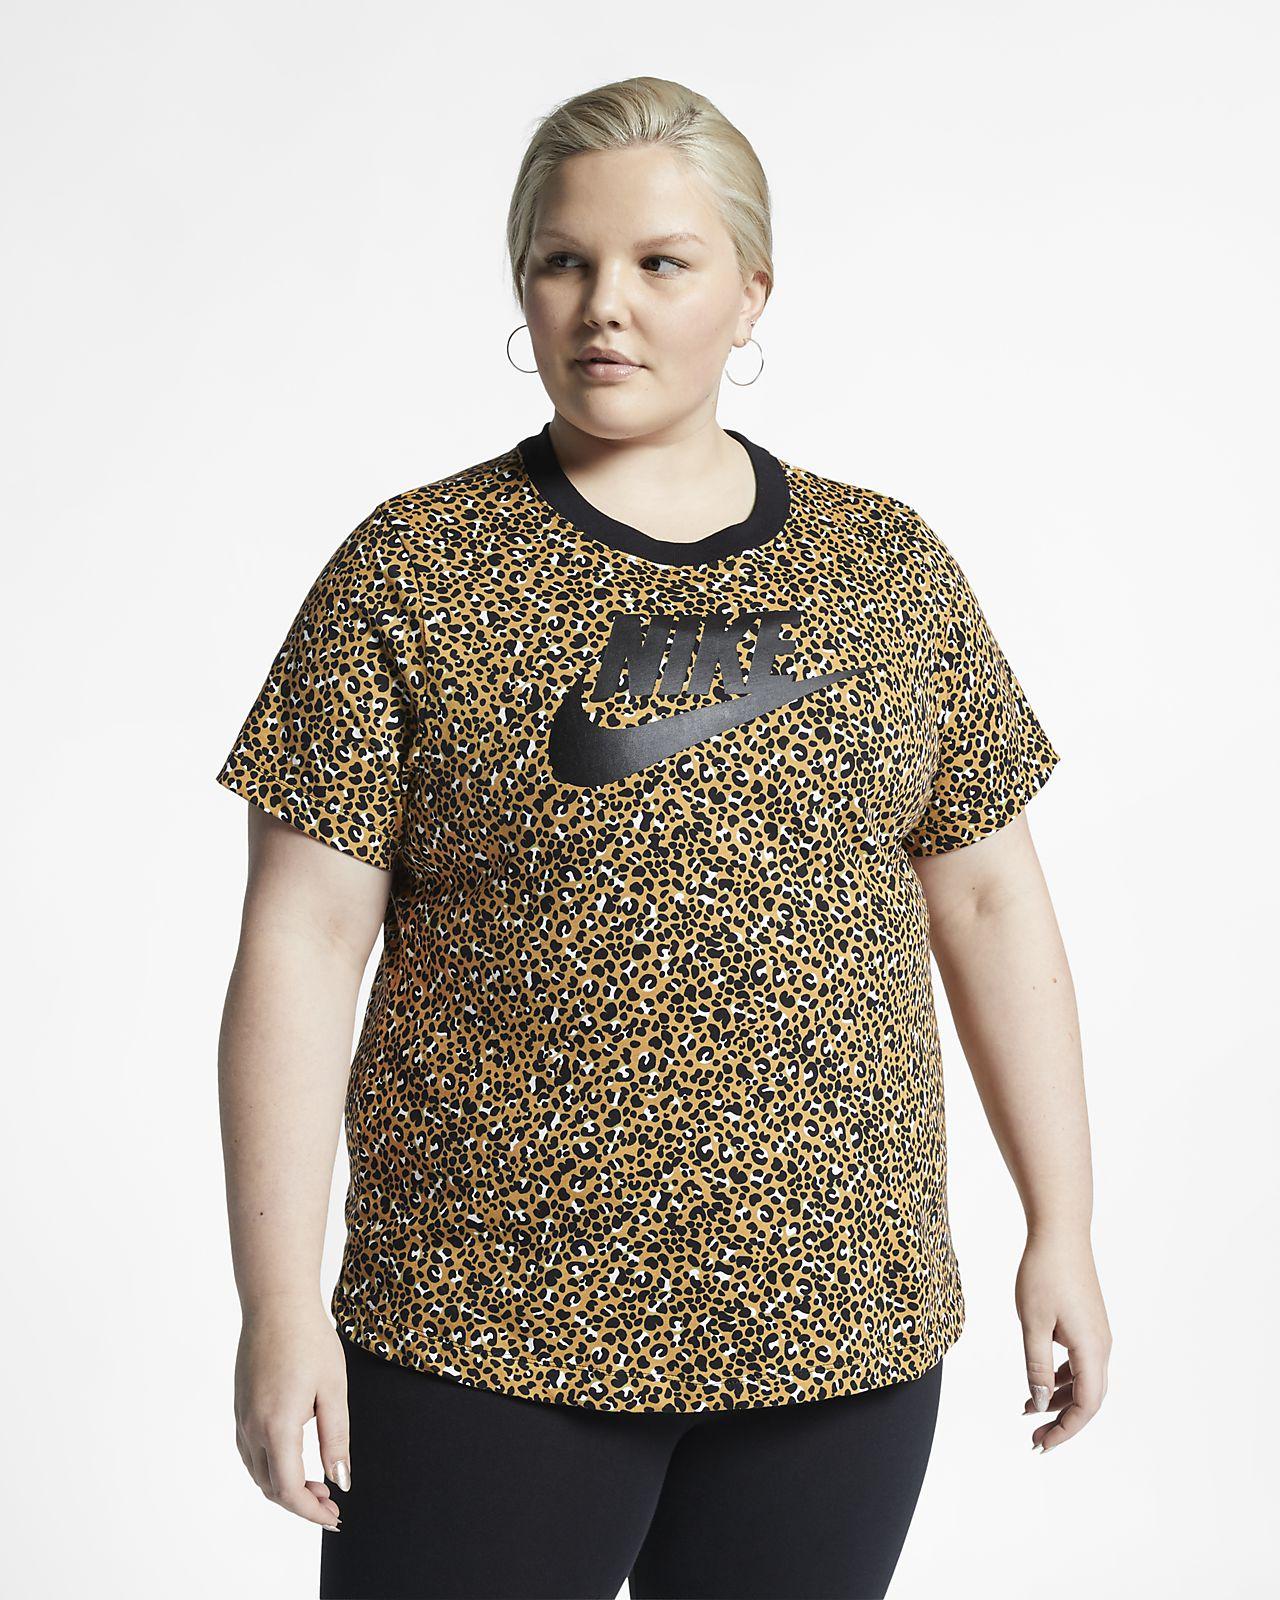 Nike Sportswear Animal Print Kurzarmoberteil für Damen (große Größe)